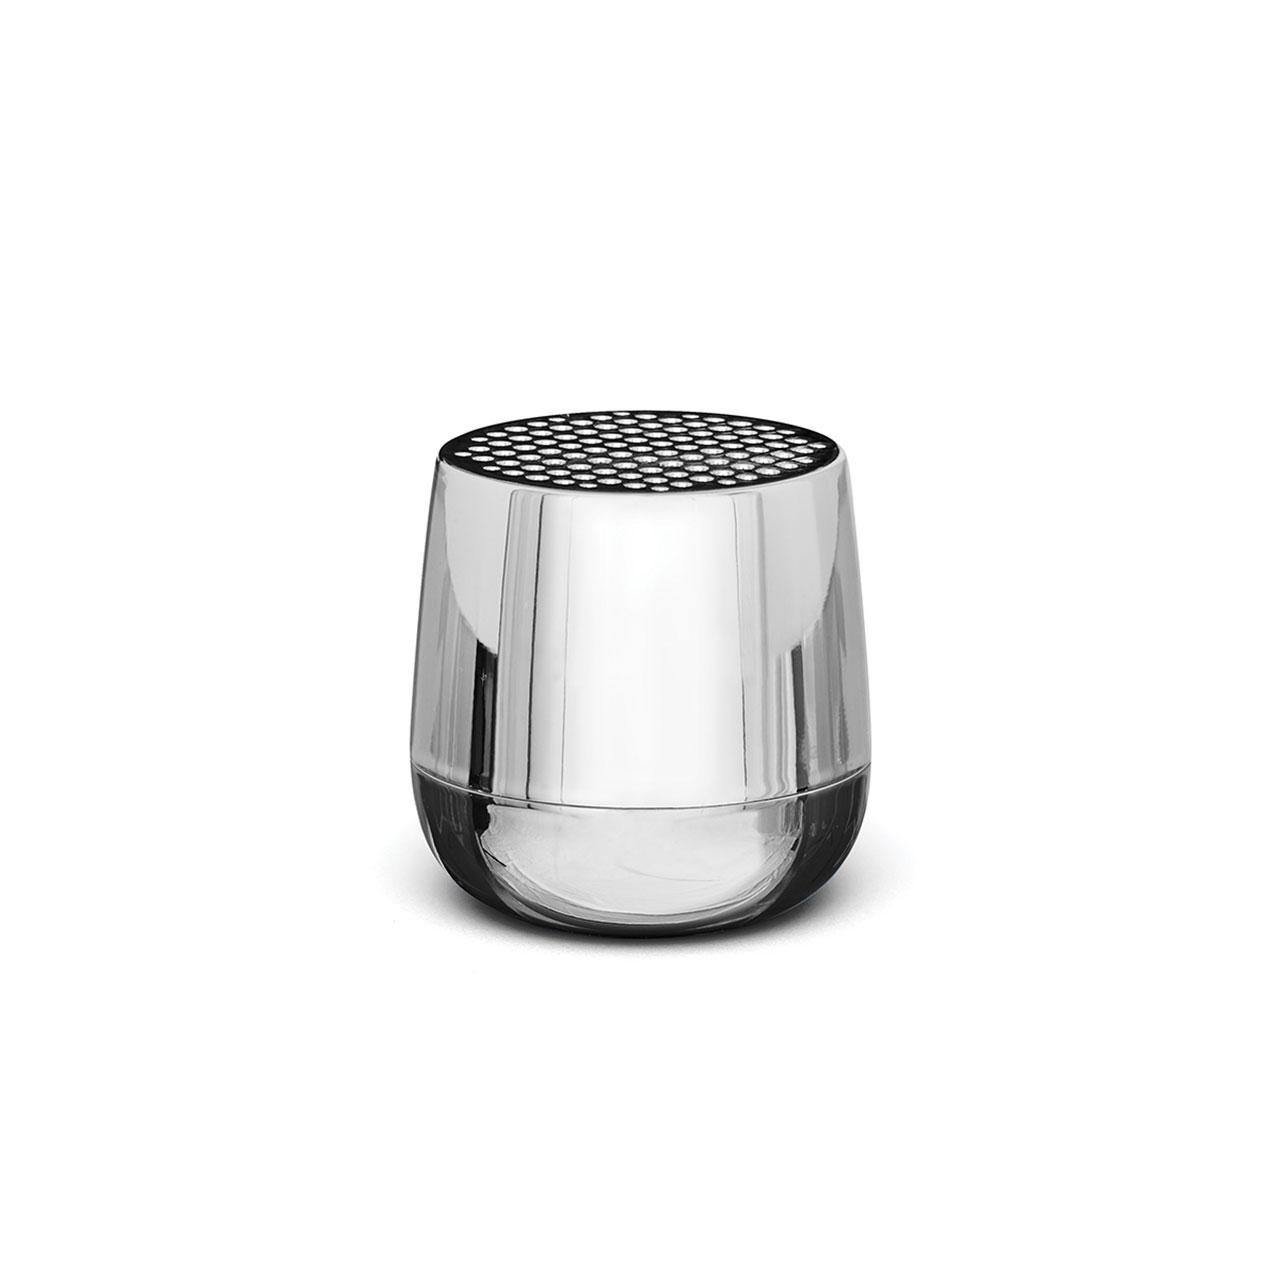 LEXON Mino+ Speaker LA125MC Metallic Chrome | the design gift shop